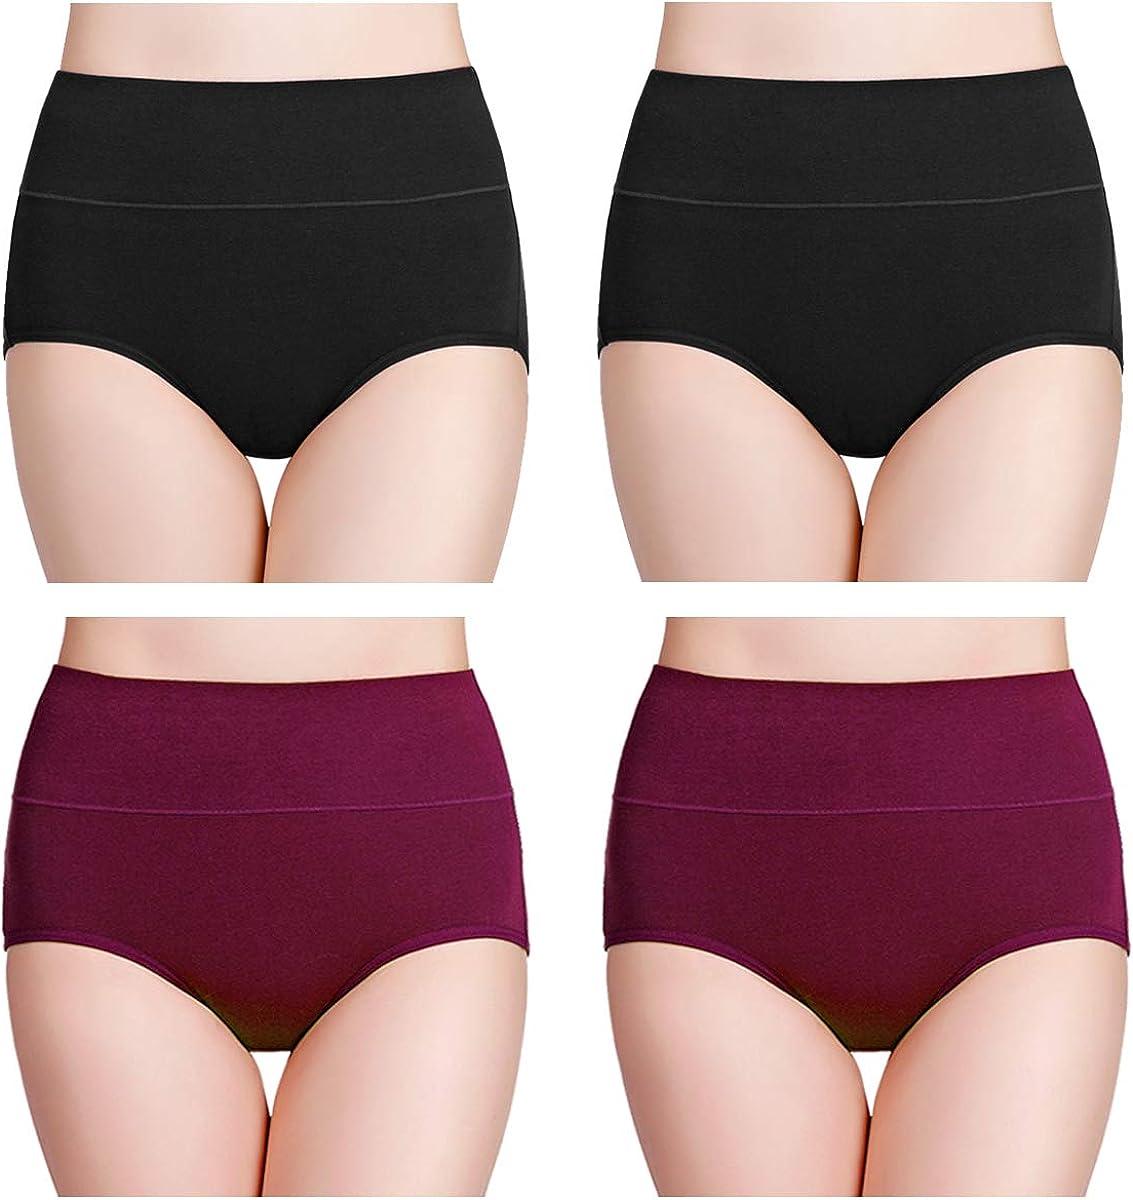 wirarpa Damen Unterhosen Baumwolle Slip Damen High Waist Taillenslip Wochenbett Unterw/äsche Kaiserschnitt Unterhose Mehrpack